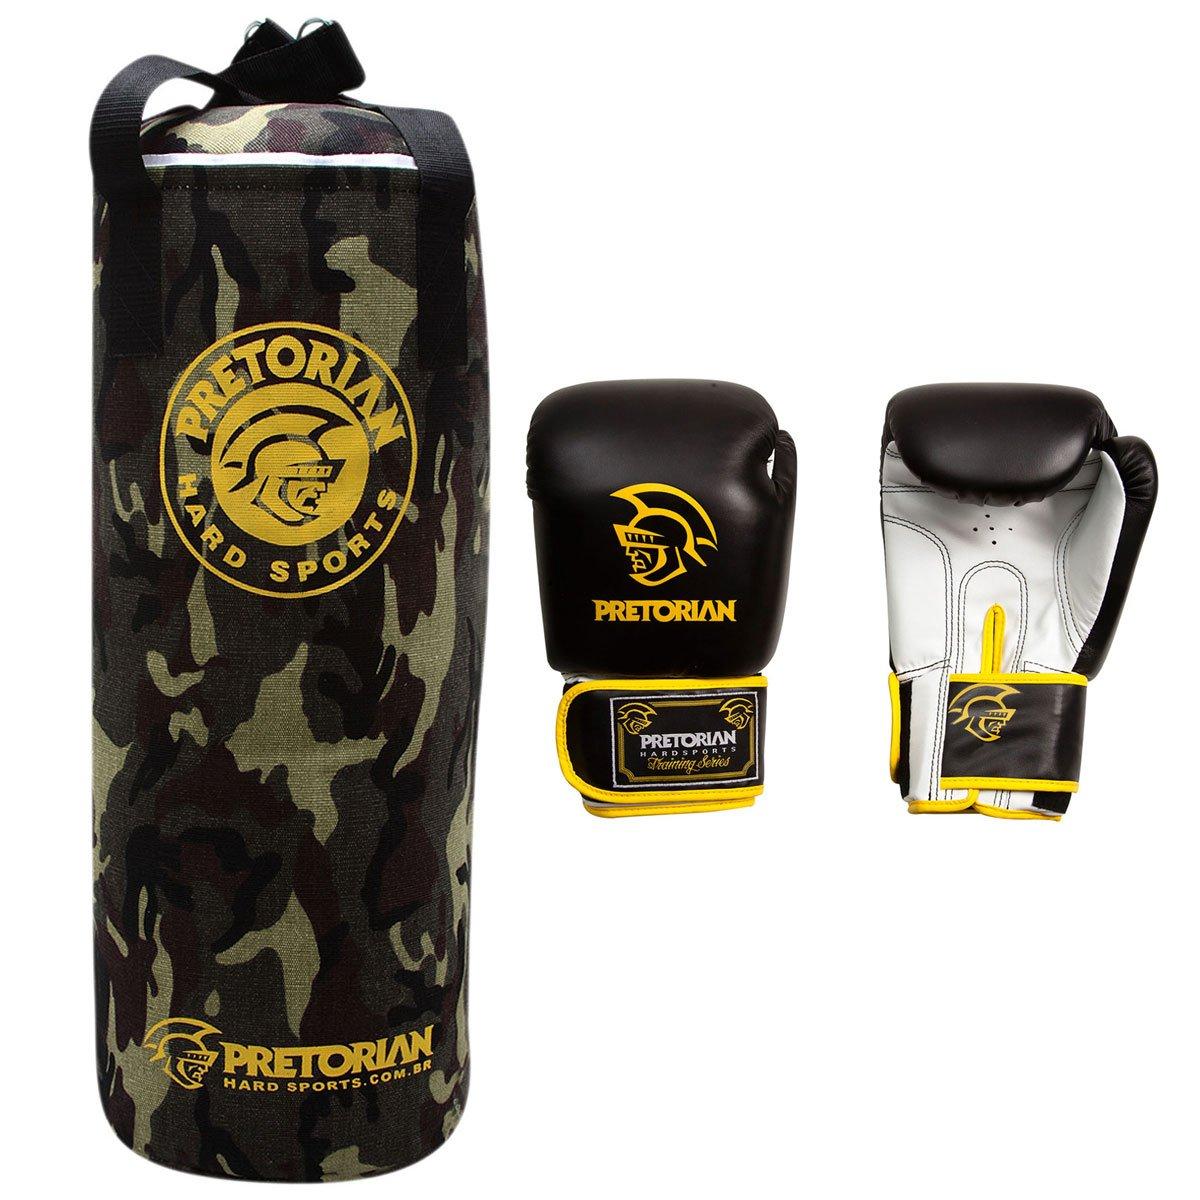 Kit Pretorian - Saco de Pancadas Camuflado 71 x 30 cm + Luva de Boxe Muay  Thai 12 oz - Compre Agora  4cea7f109dd